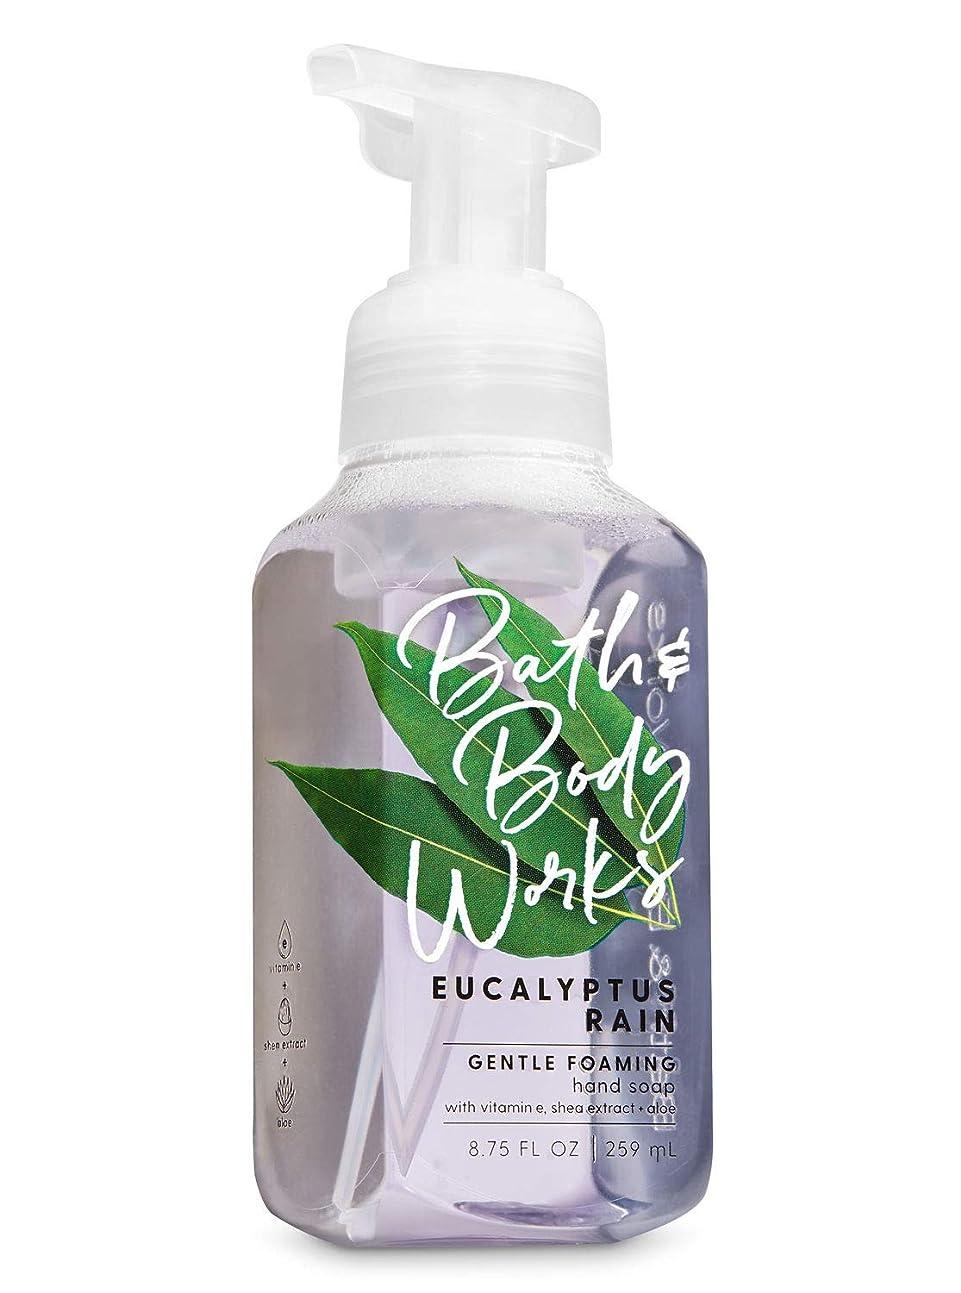 インフラしおれた不振バス&ボディワークス ユーカリレイン ジェントル フォーミング ハンドソープ Eucalyptus Rain Gentle Foaming Hand Soap